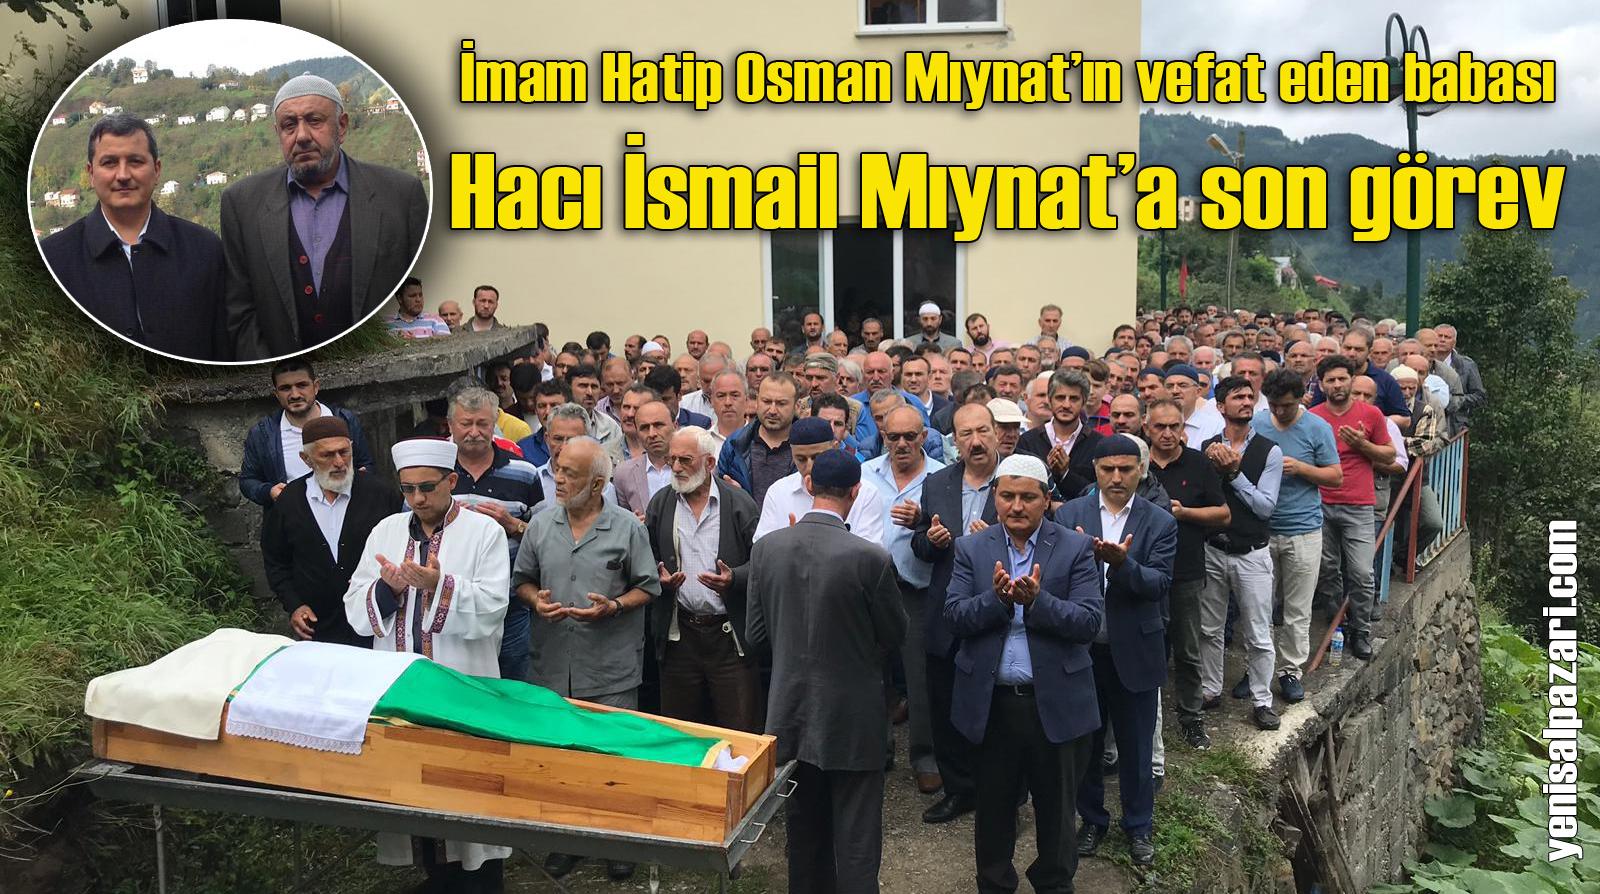 Hacı İsmail Mıynat'ın cenazesi Ağırtaş Mahallesi'nde toprağa verildi